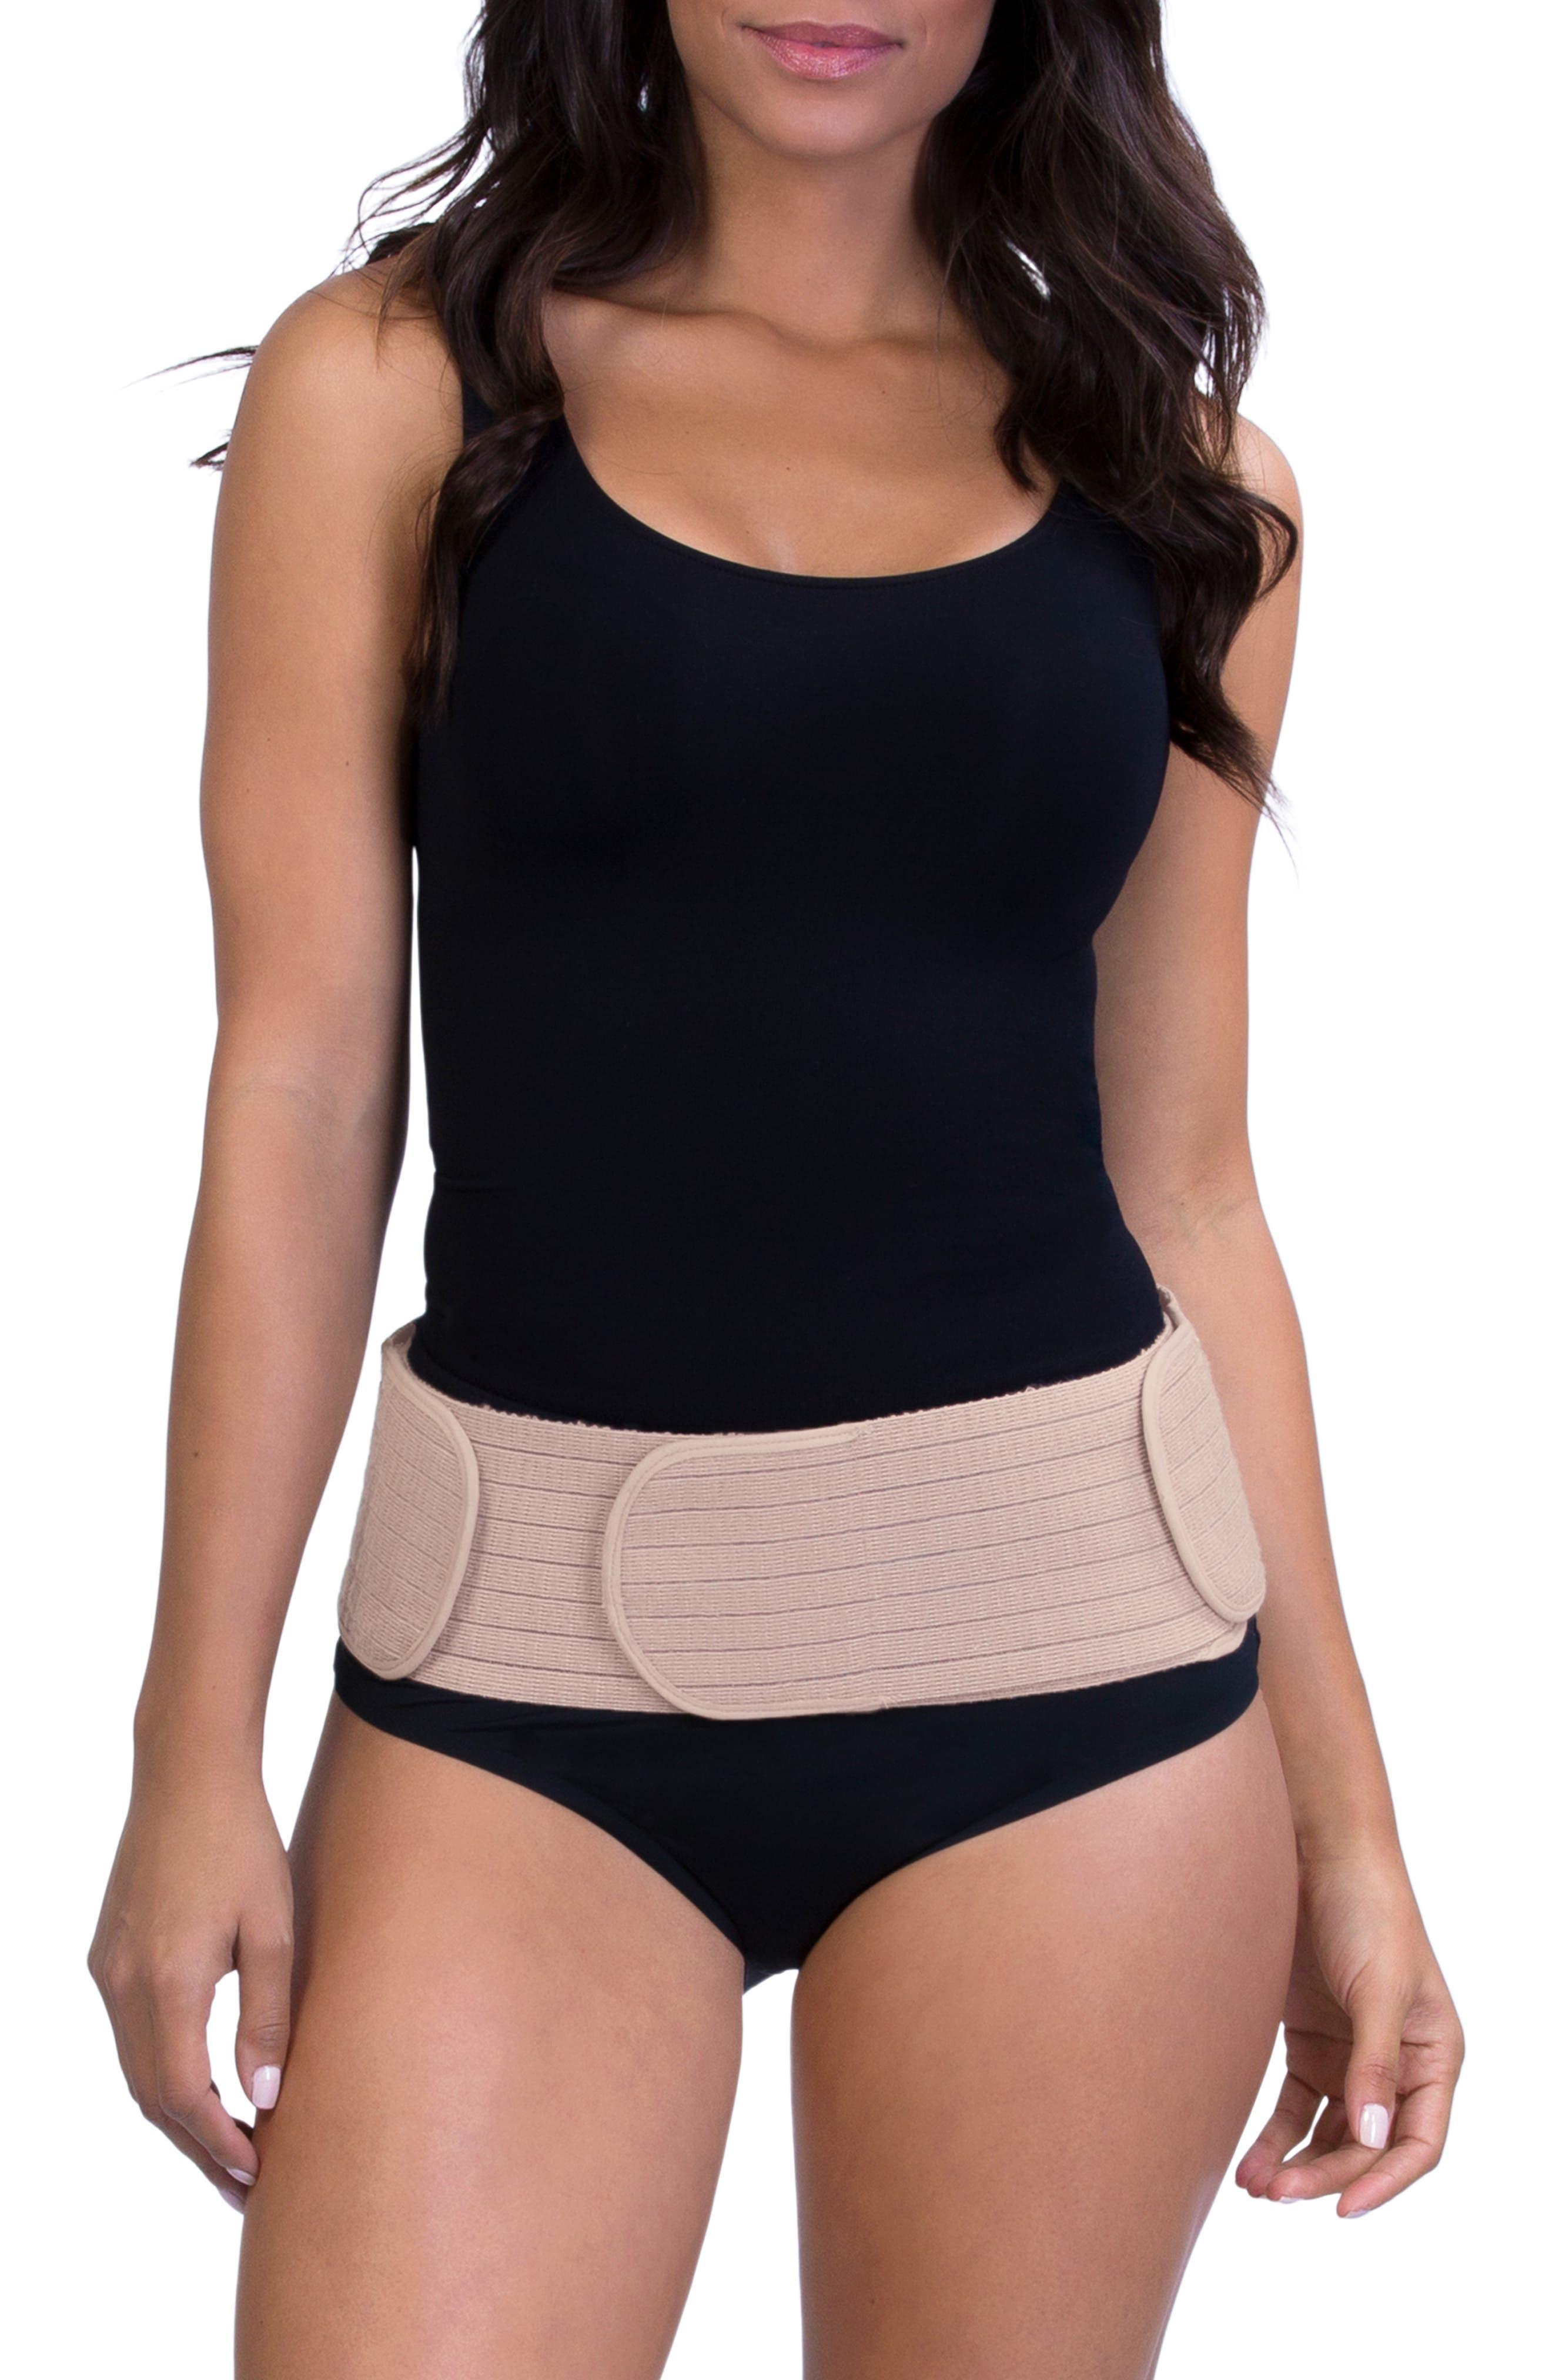 Women's Belly Bandit 2-In-1 Pregnancy & Post Pregnancy Belly Wrap